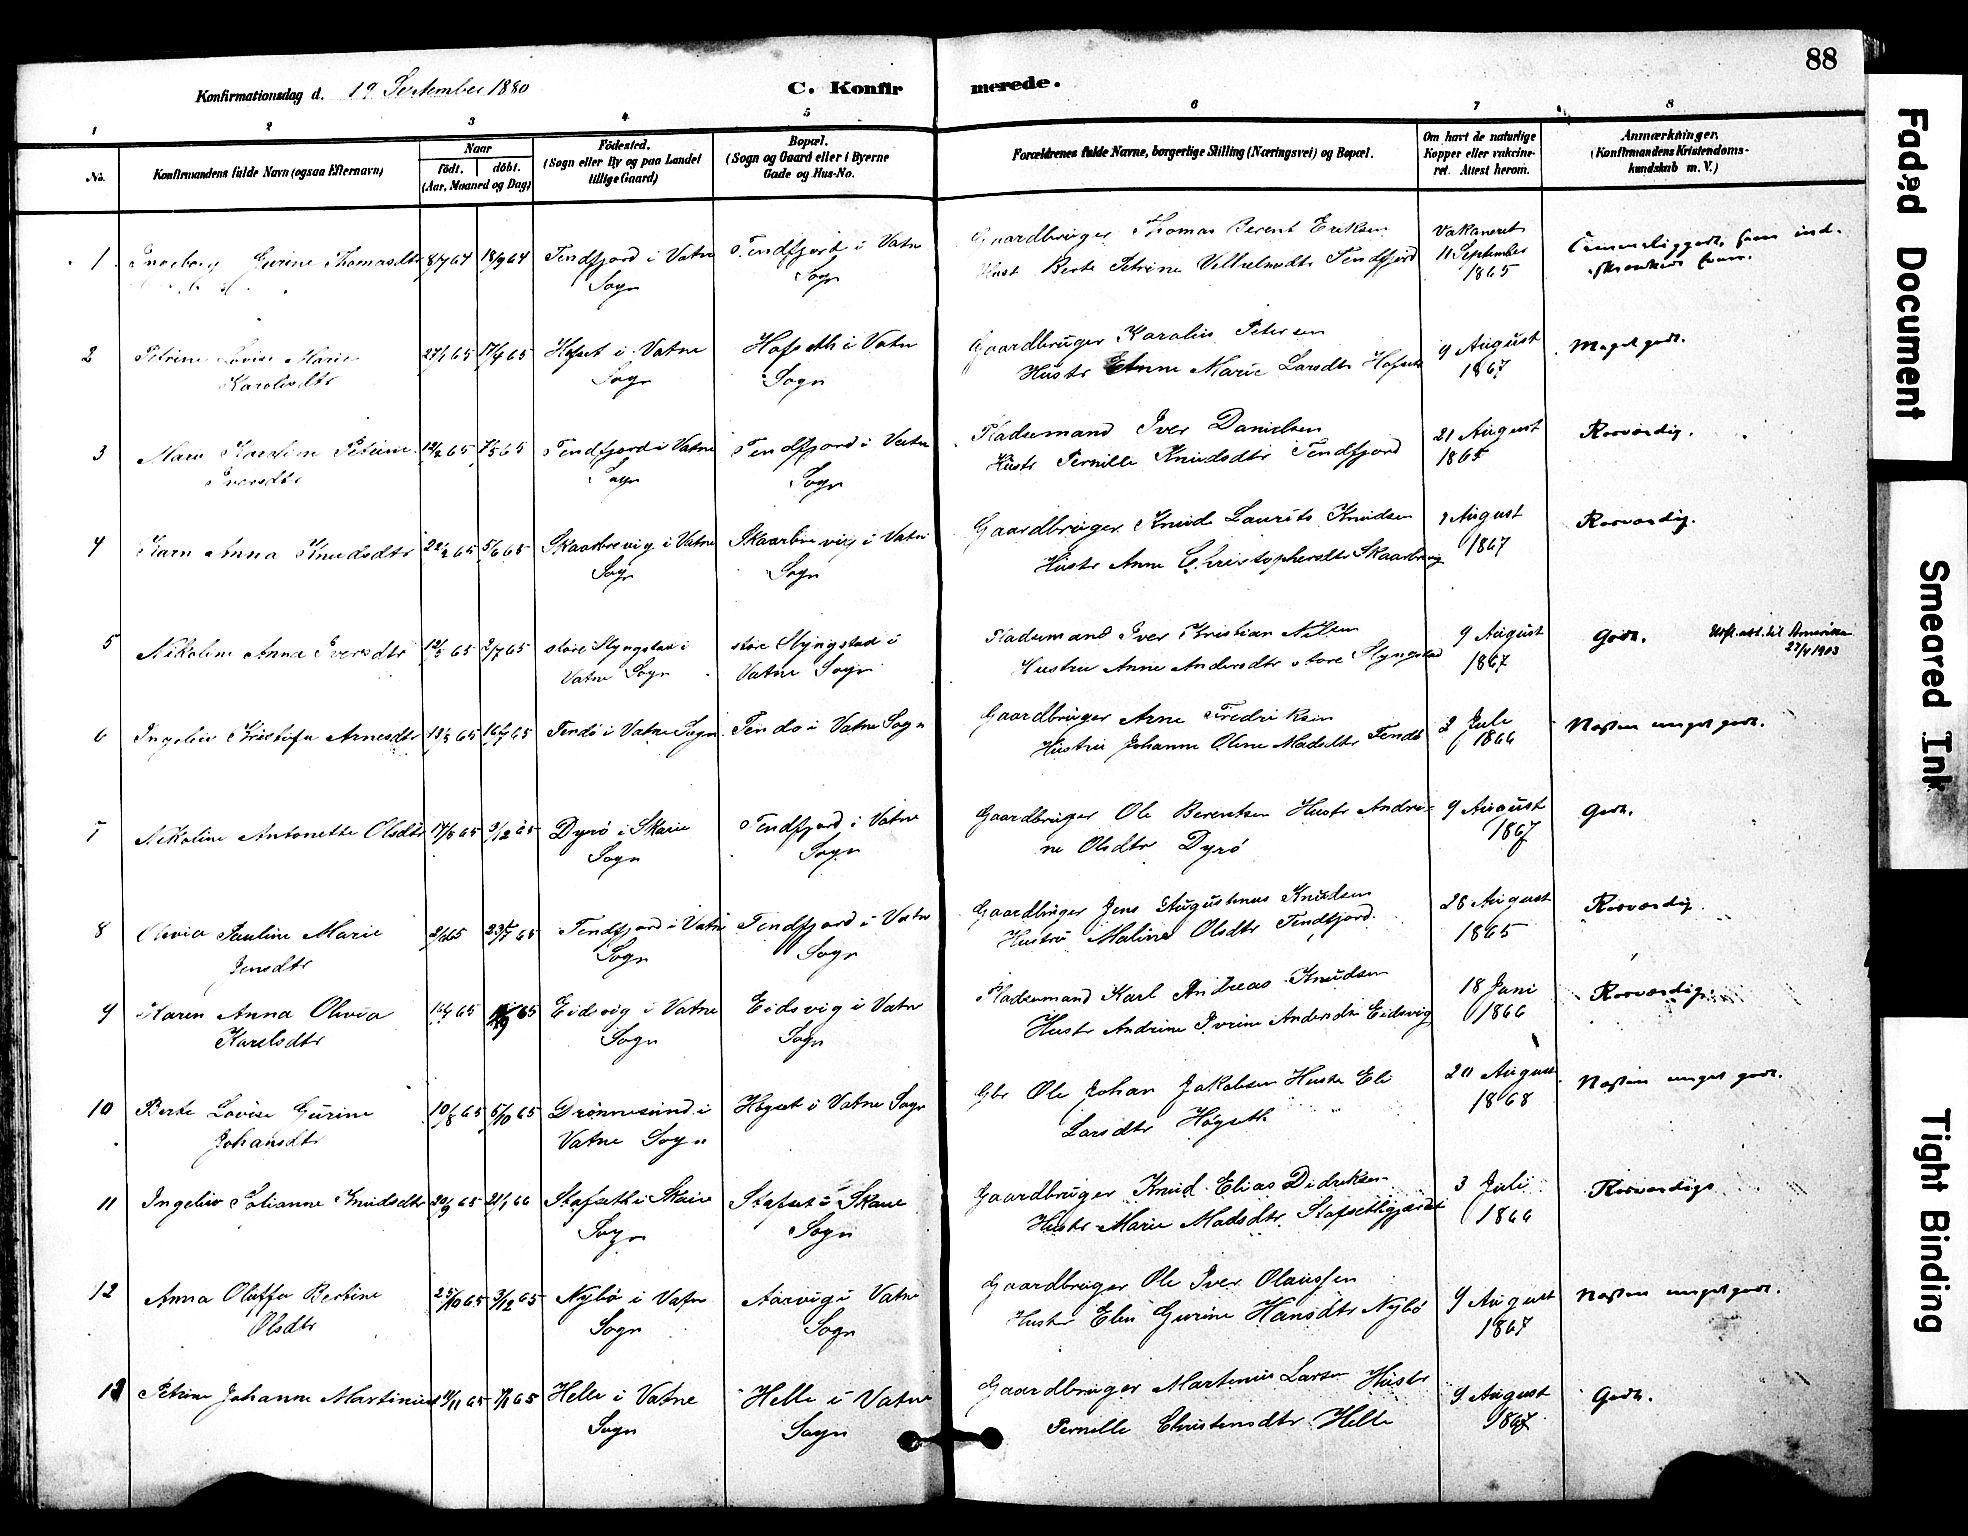 SAT, Ministerialprotokoller, klokkerbøker og fødselsregistre - Møre og Romsdal, 525/L0374: Ministerialbok nr. 525A04, 1880-1899, s. 88